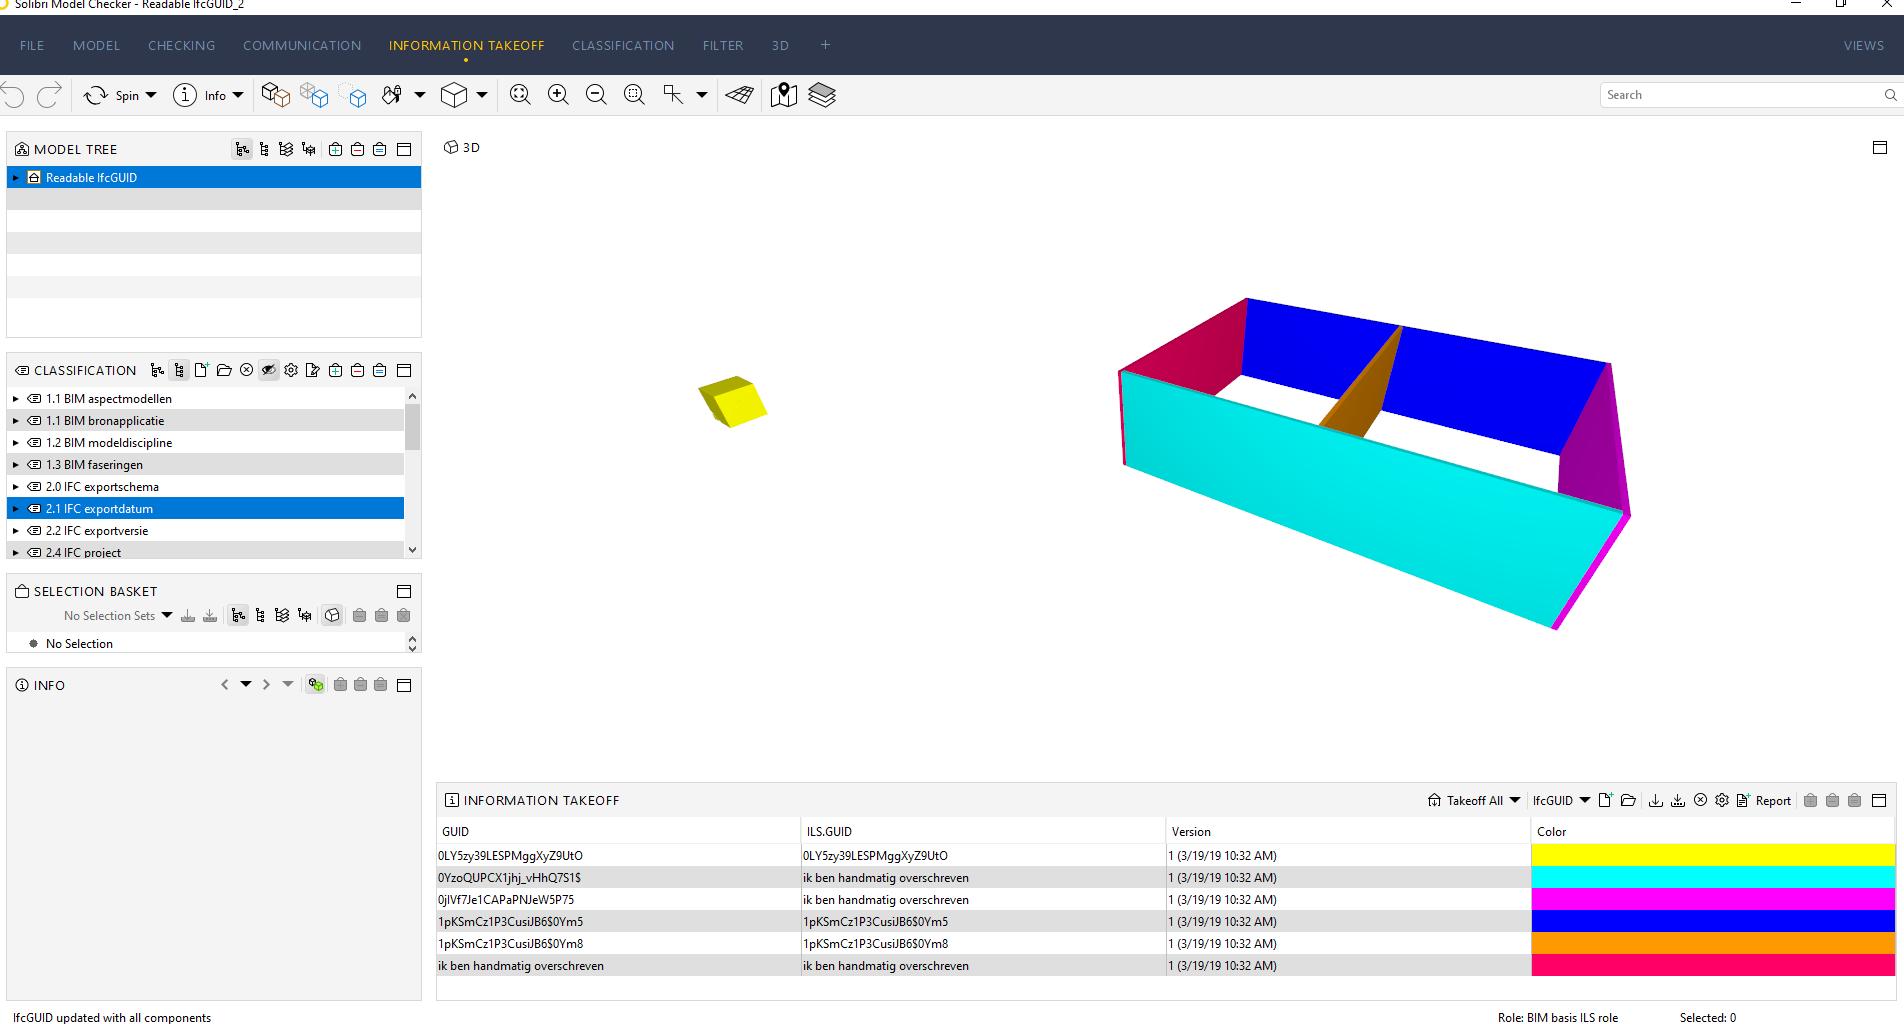 Solibri Model Checker / handmatig meerdere overschreven